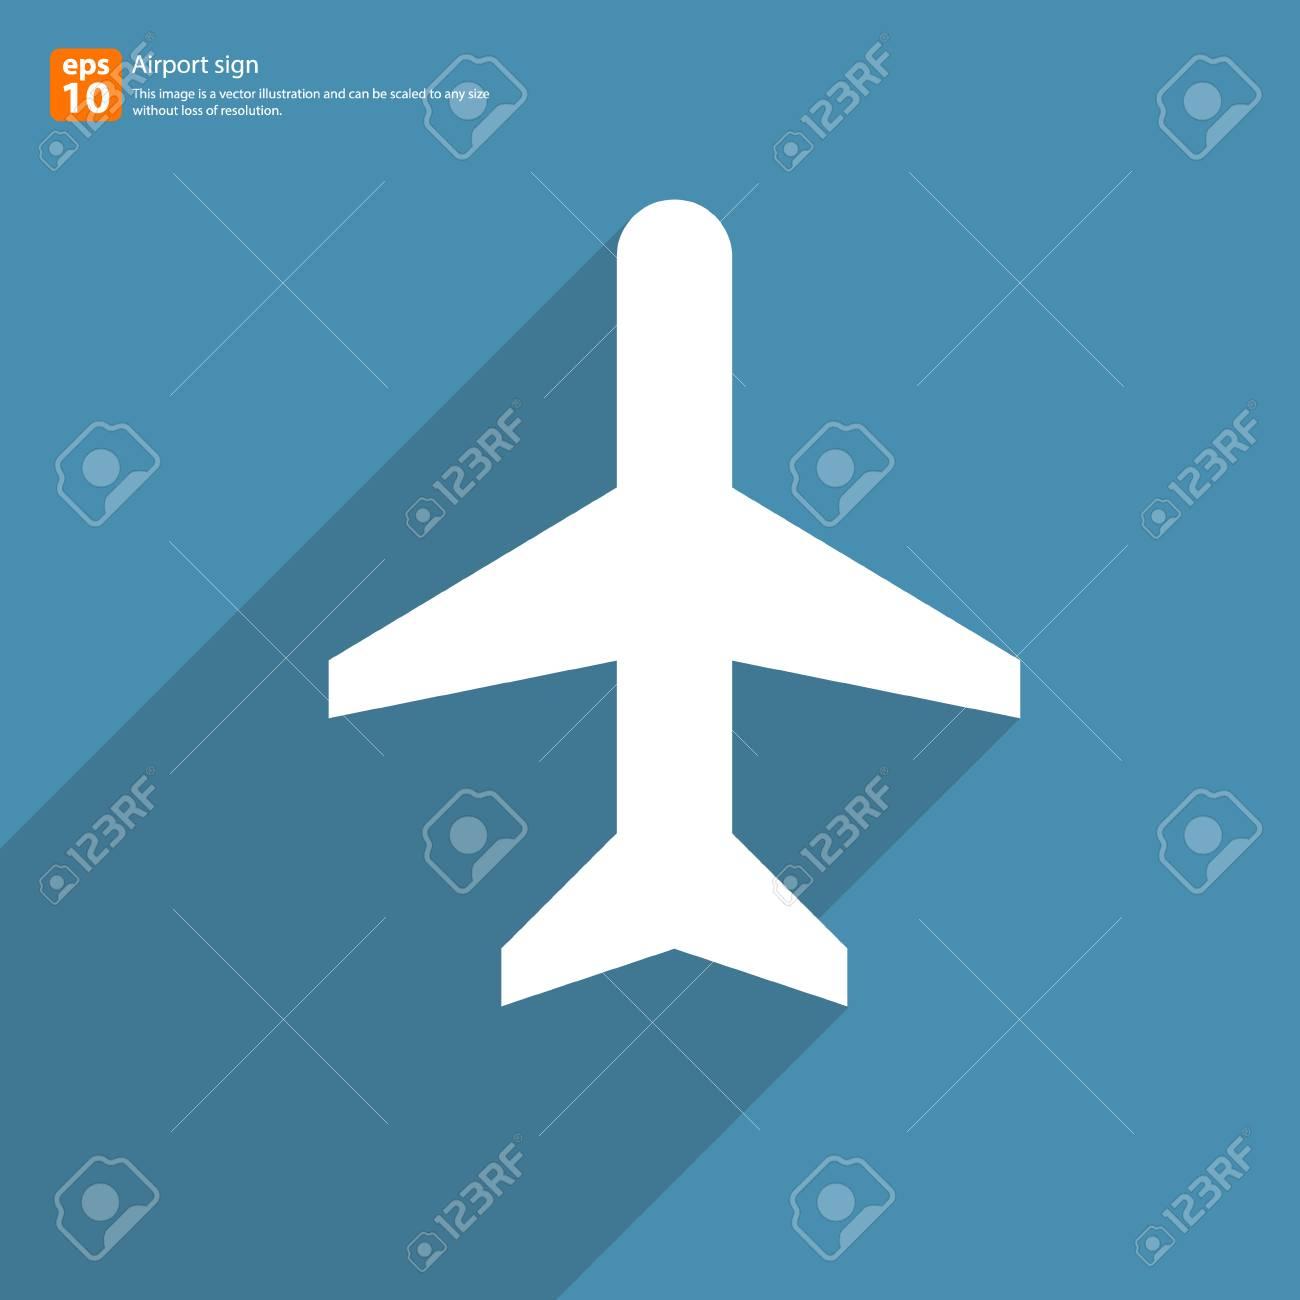 Nueva Señal De Avión De Air Con El Icono De Vector Sombra Diseño ...